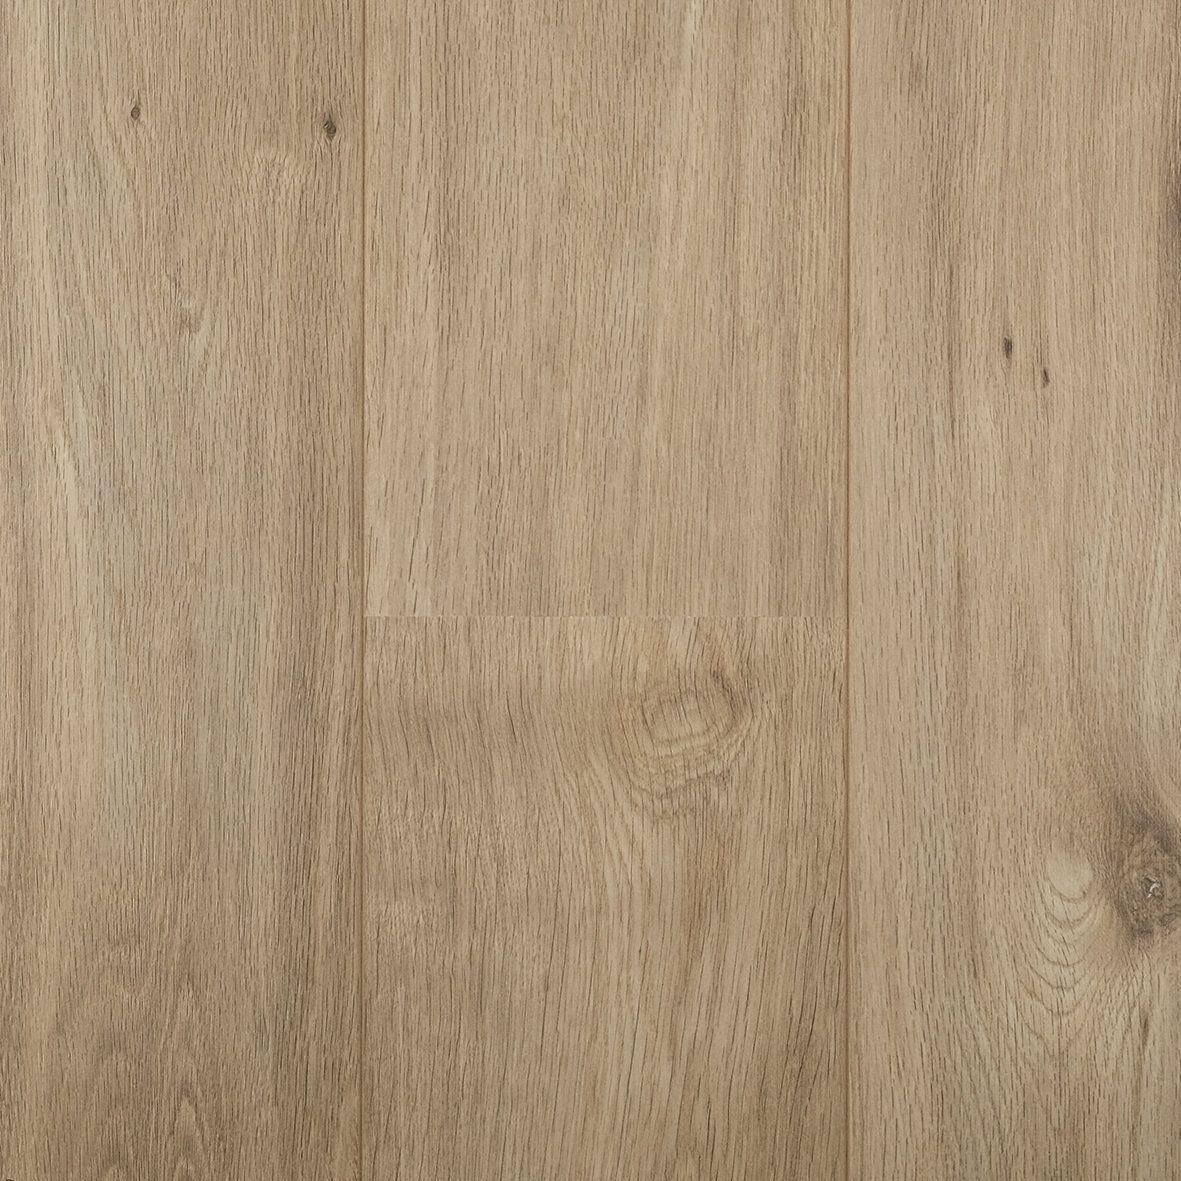 Hoomline Living Light Oak 1061